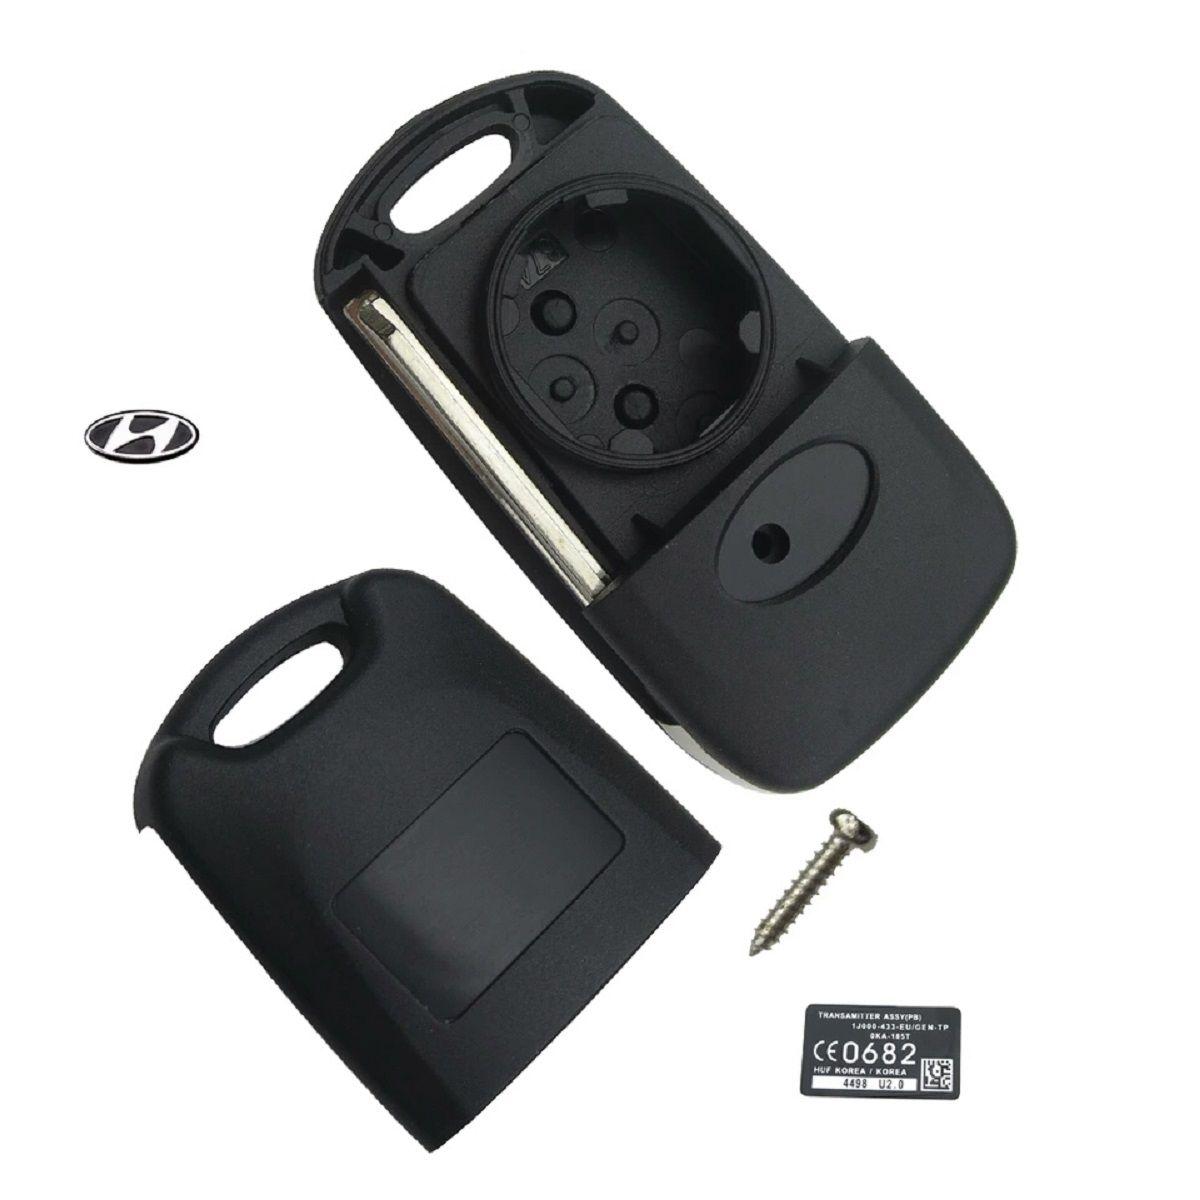 Chave Canivete Hyundai Elantra 3 Botões